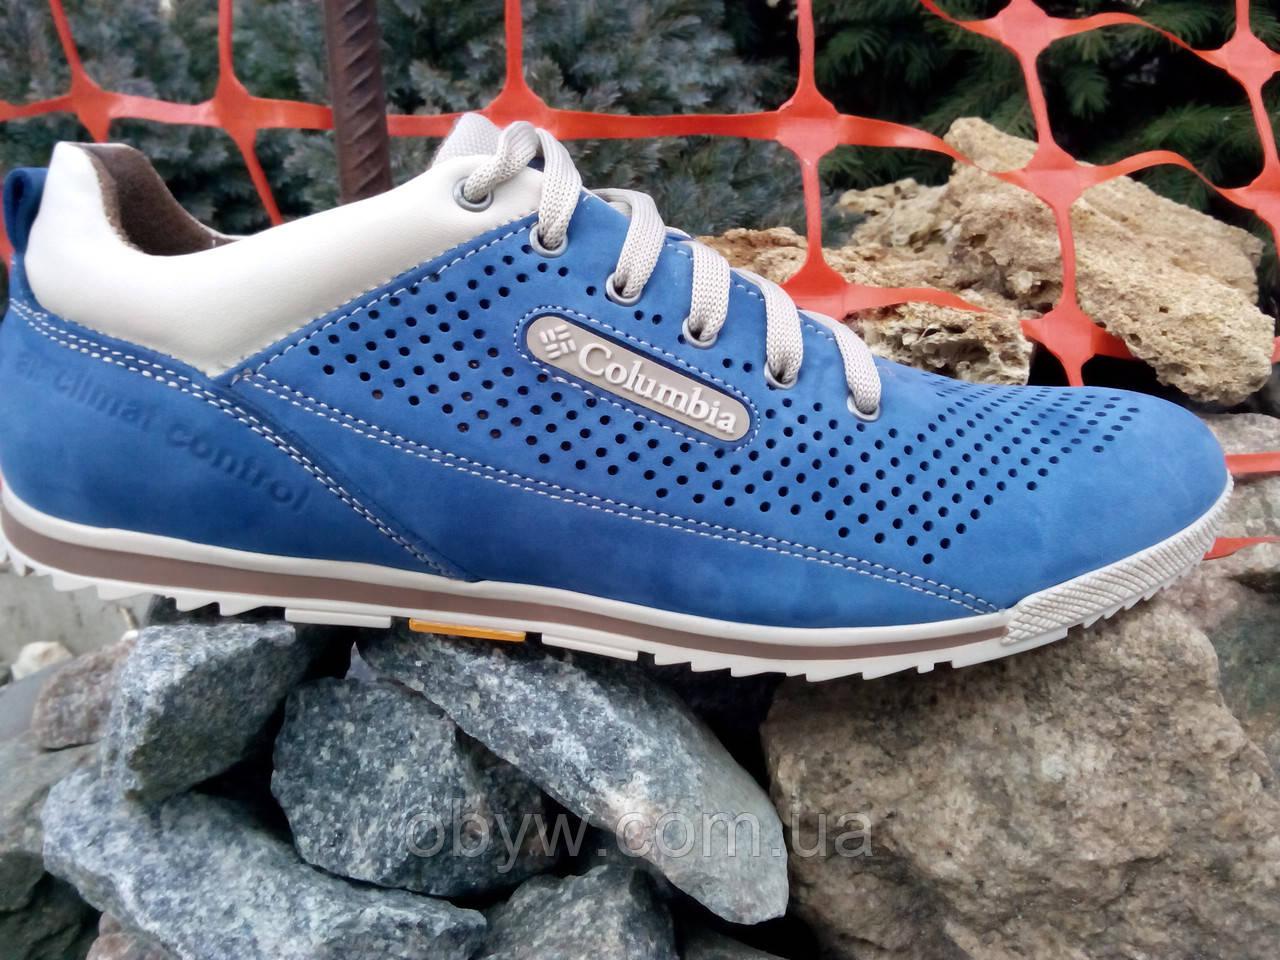 Летние туфли calambia мужские